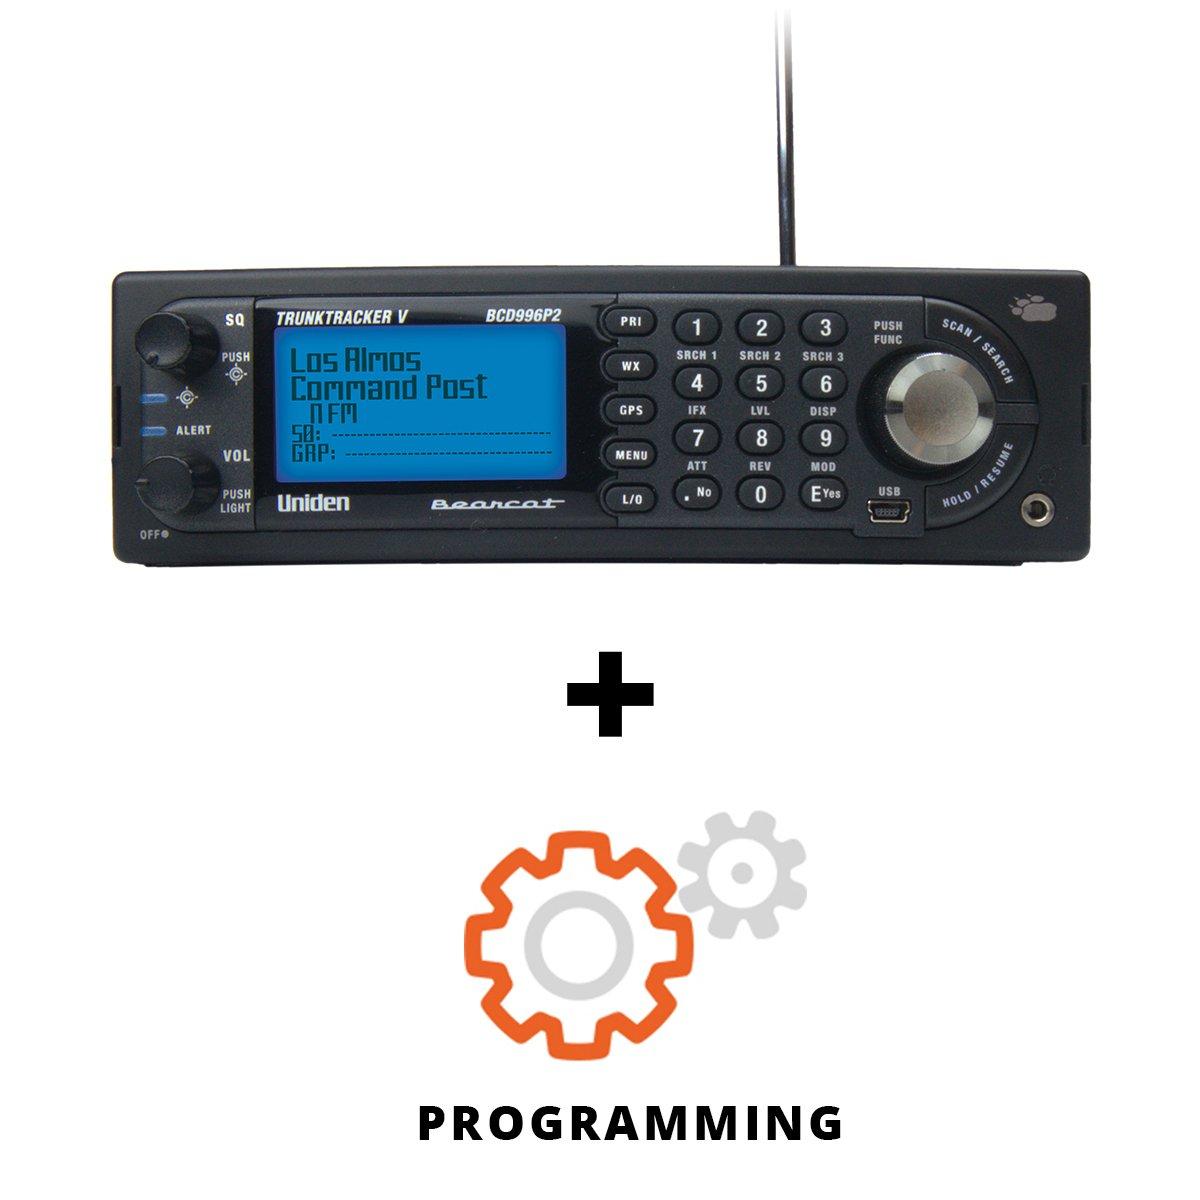 Uniden BCD996P2 Base/Mobile PROGRAMMED Phase II Digital Scanner